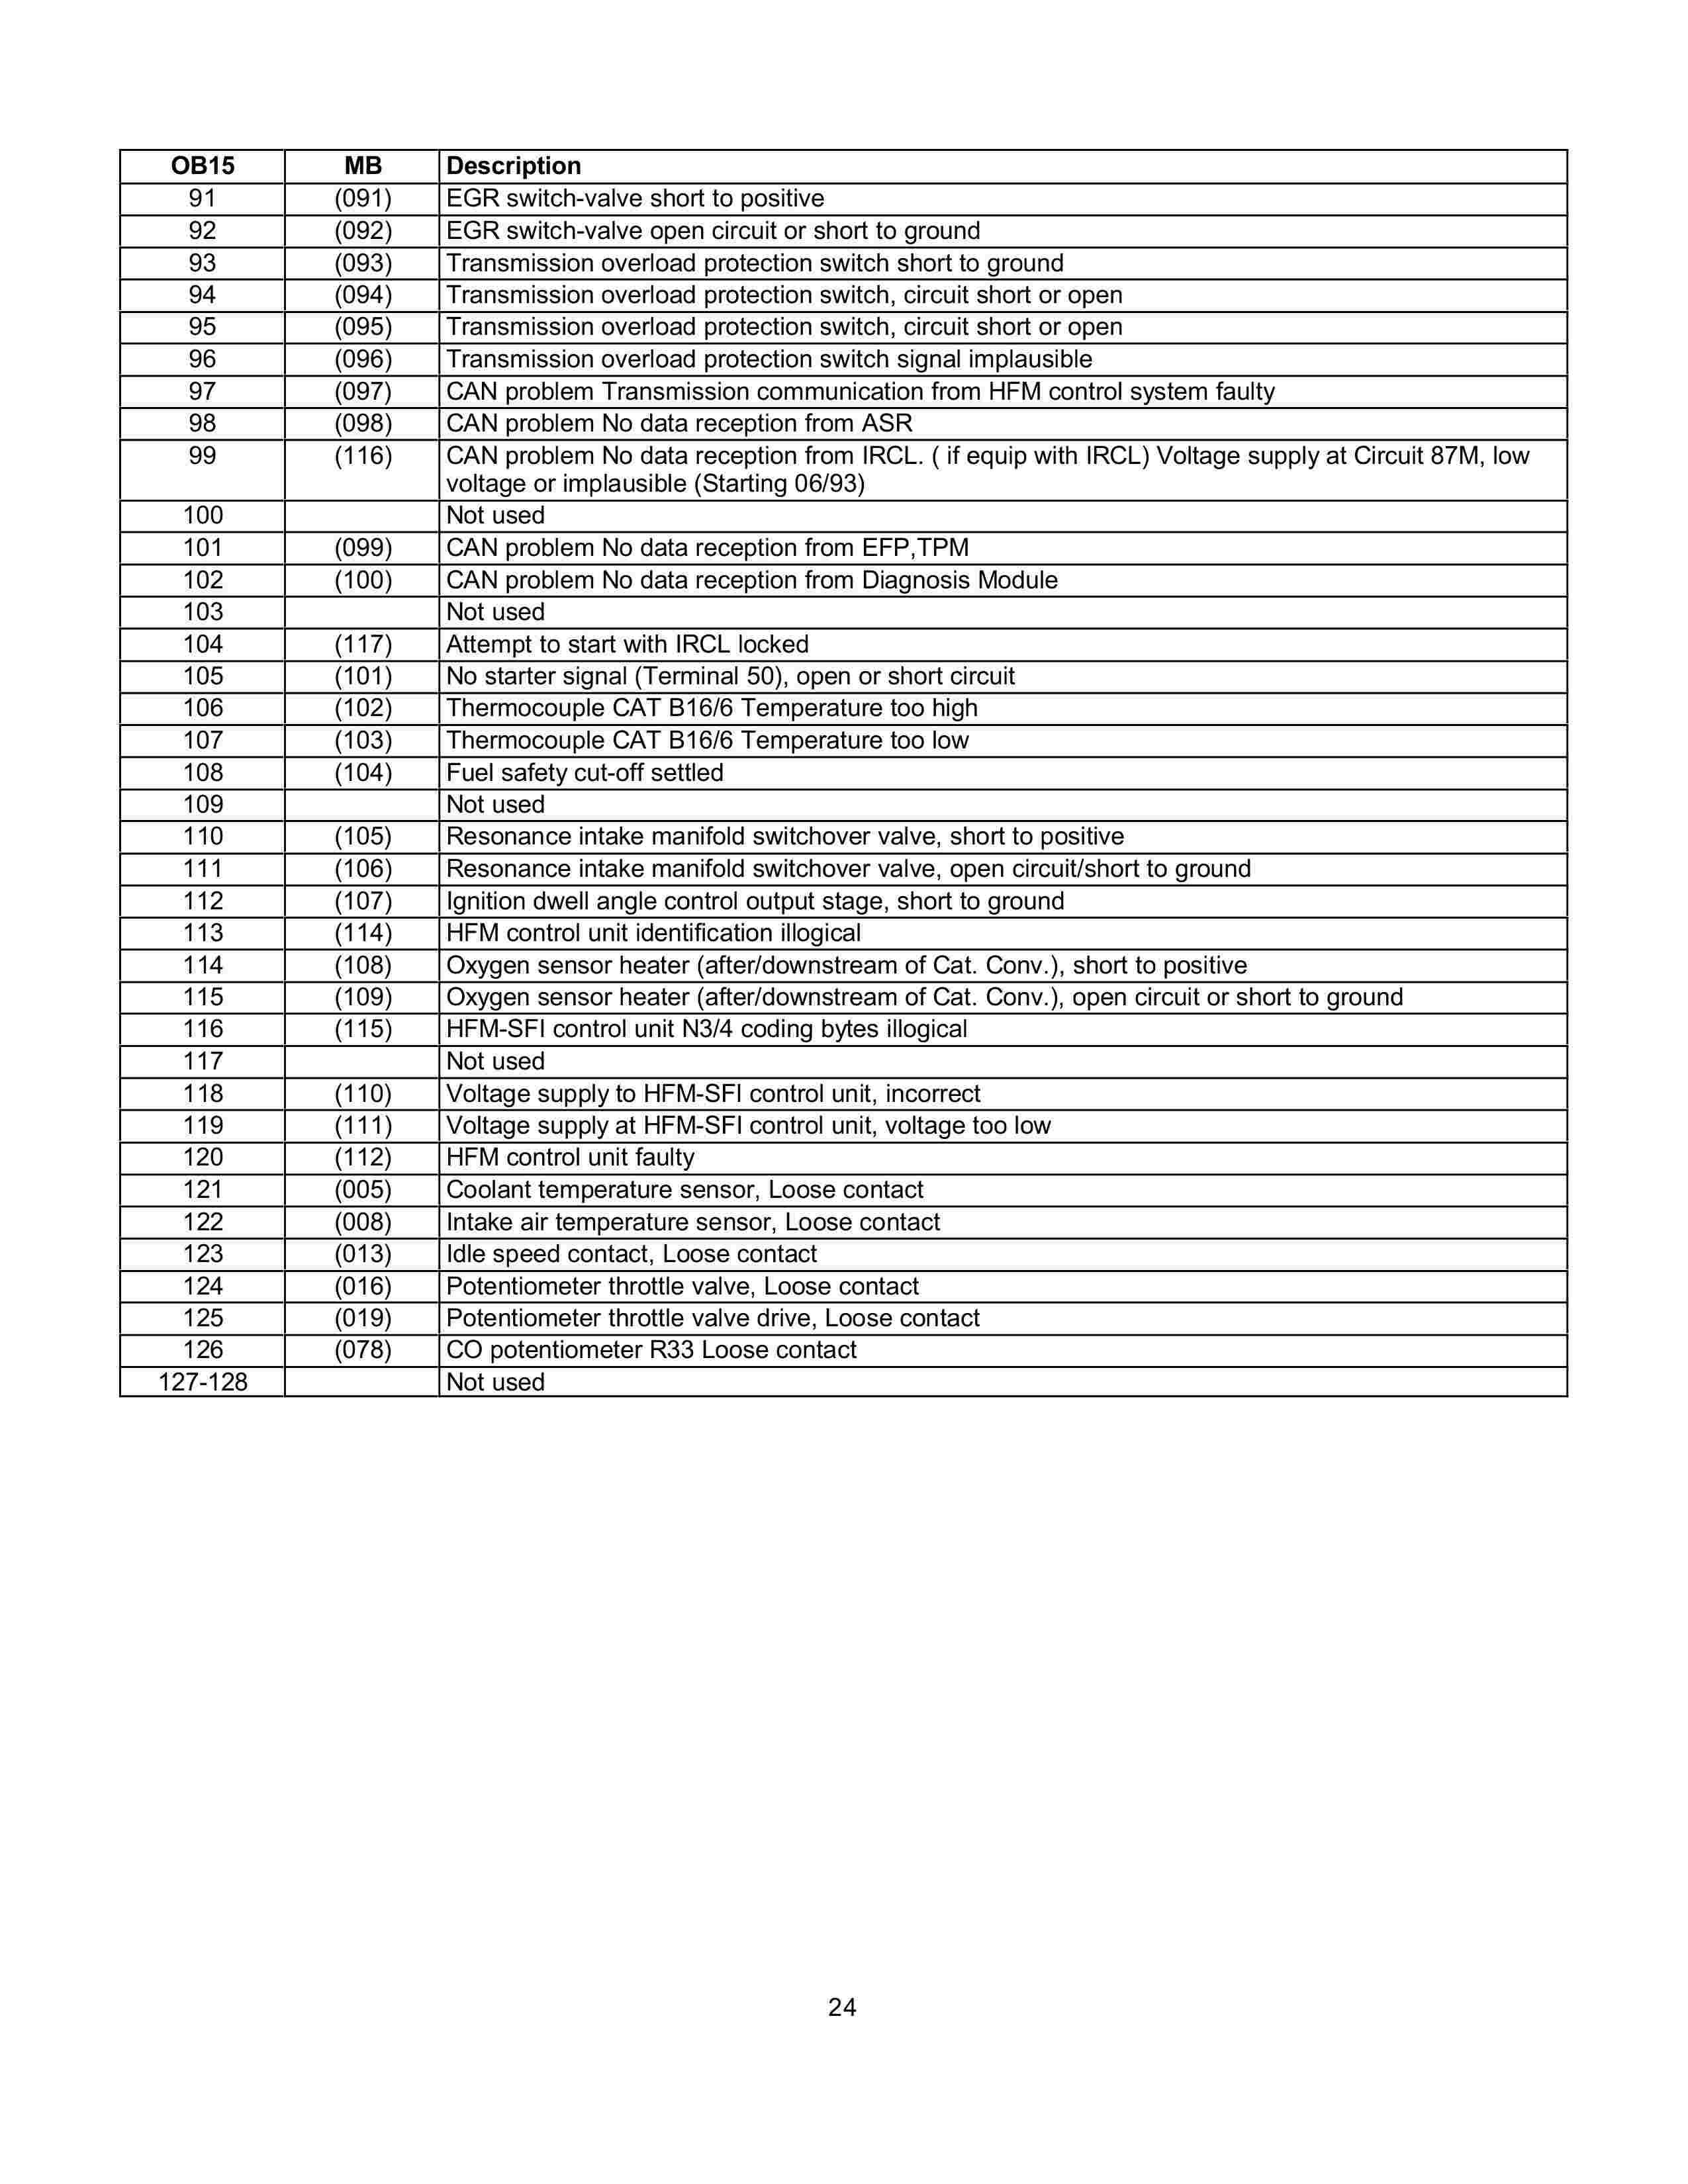 (AJUDA GERAL): Manual de códigos das falhas - analógico e digital - 1988 a 2000 002413